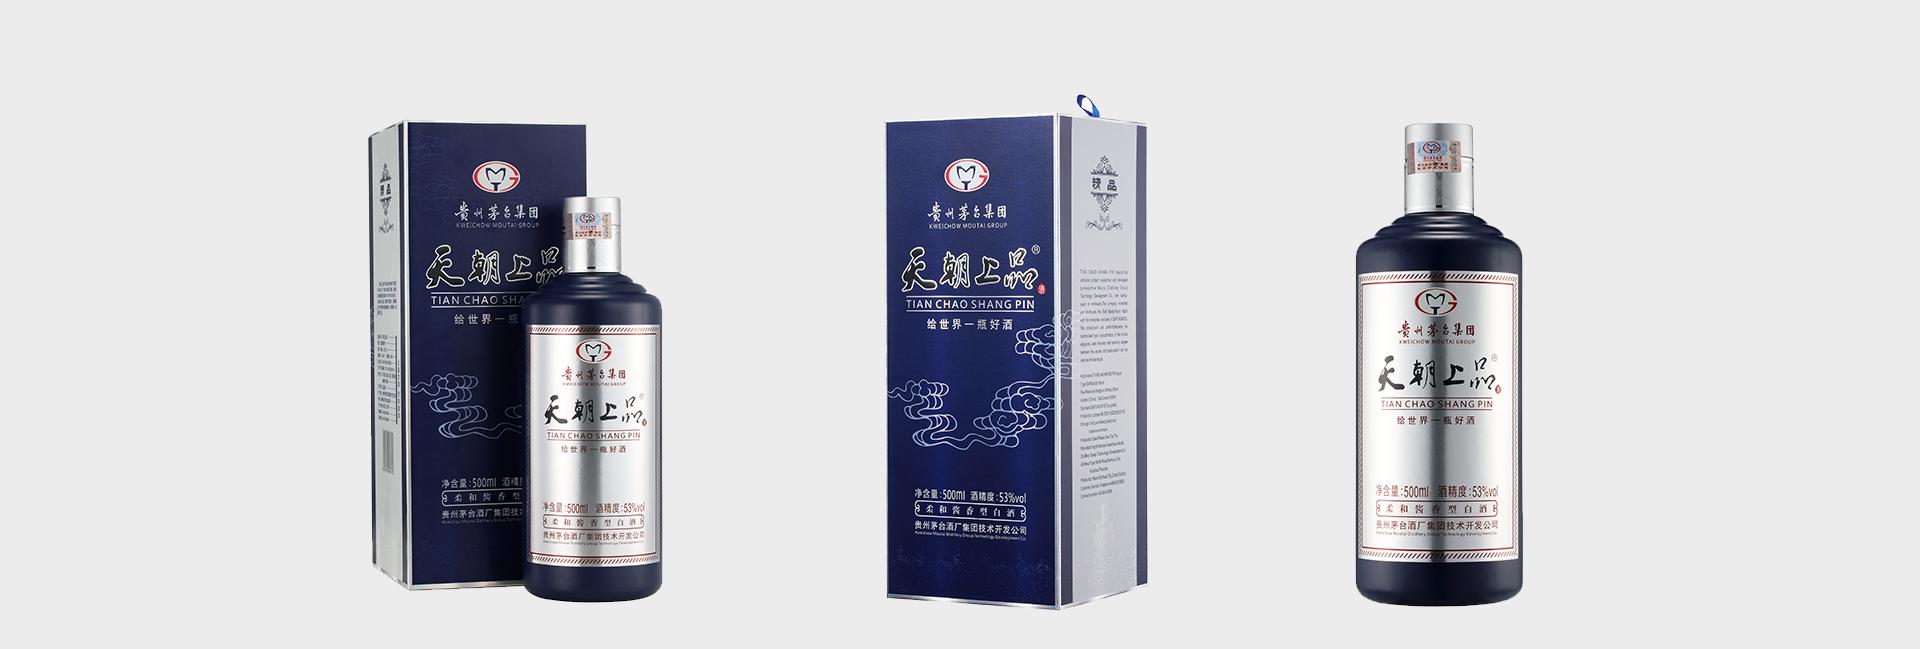 中国真正的酒文化到底是什么,你都知道吗?